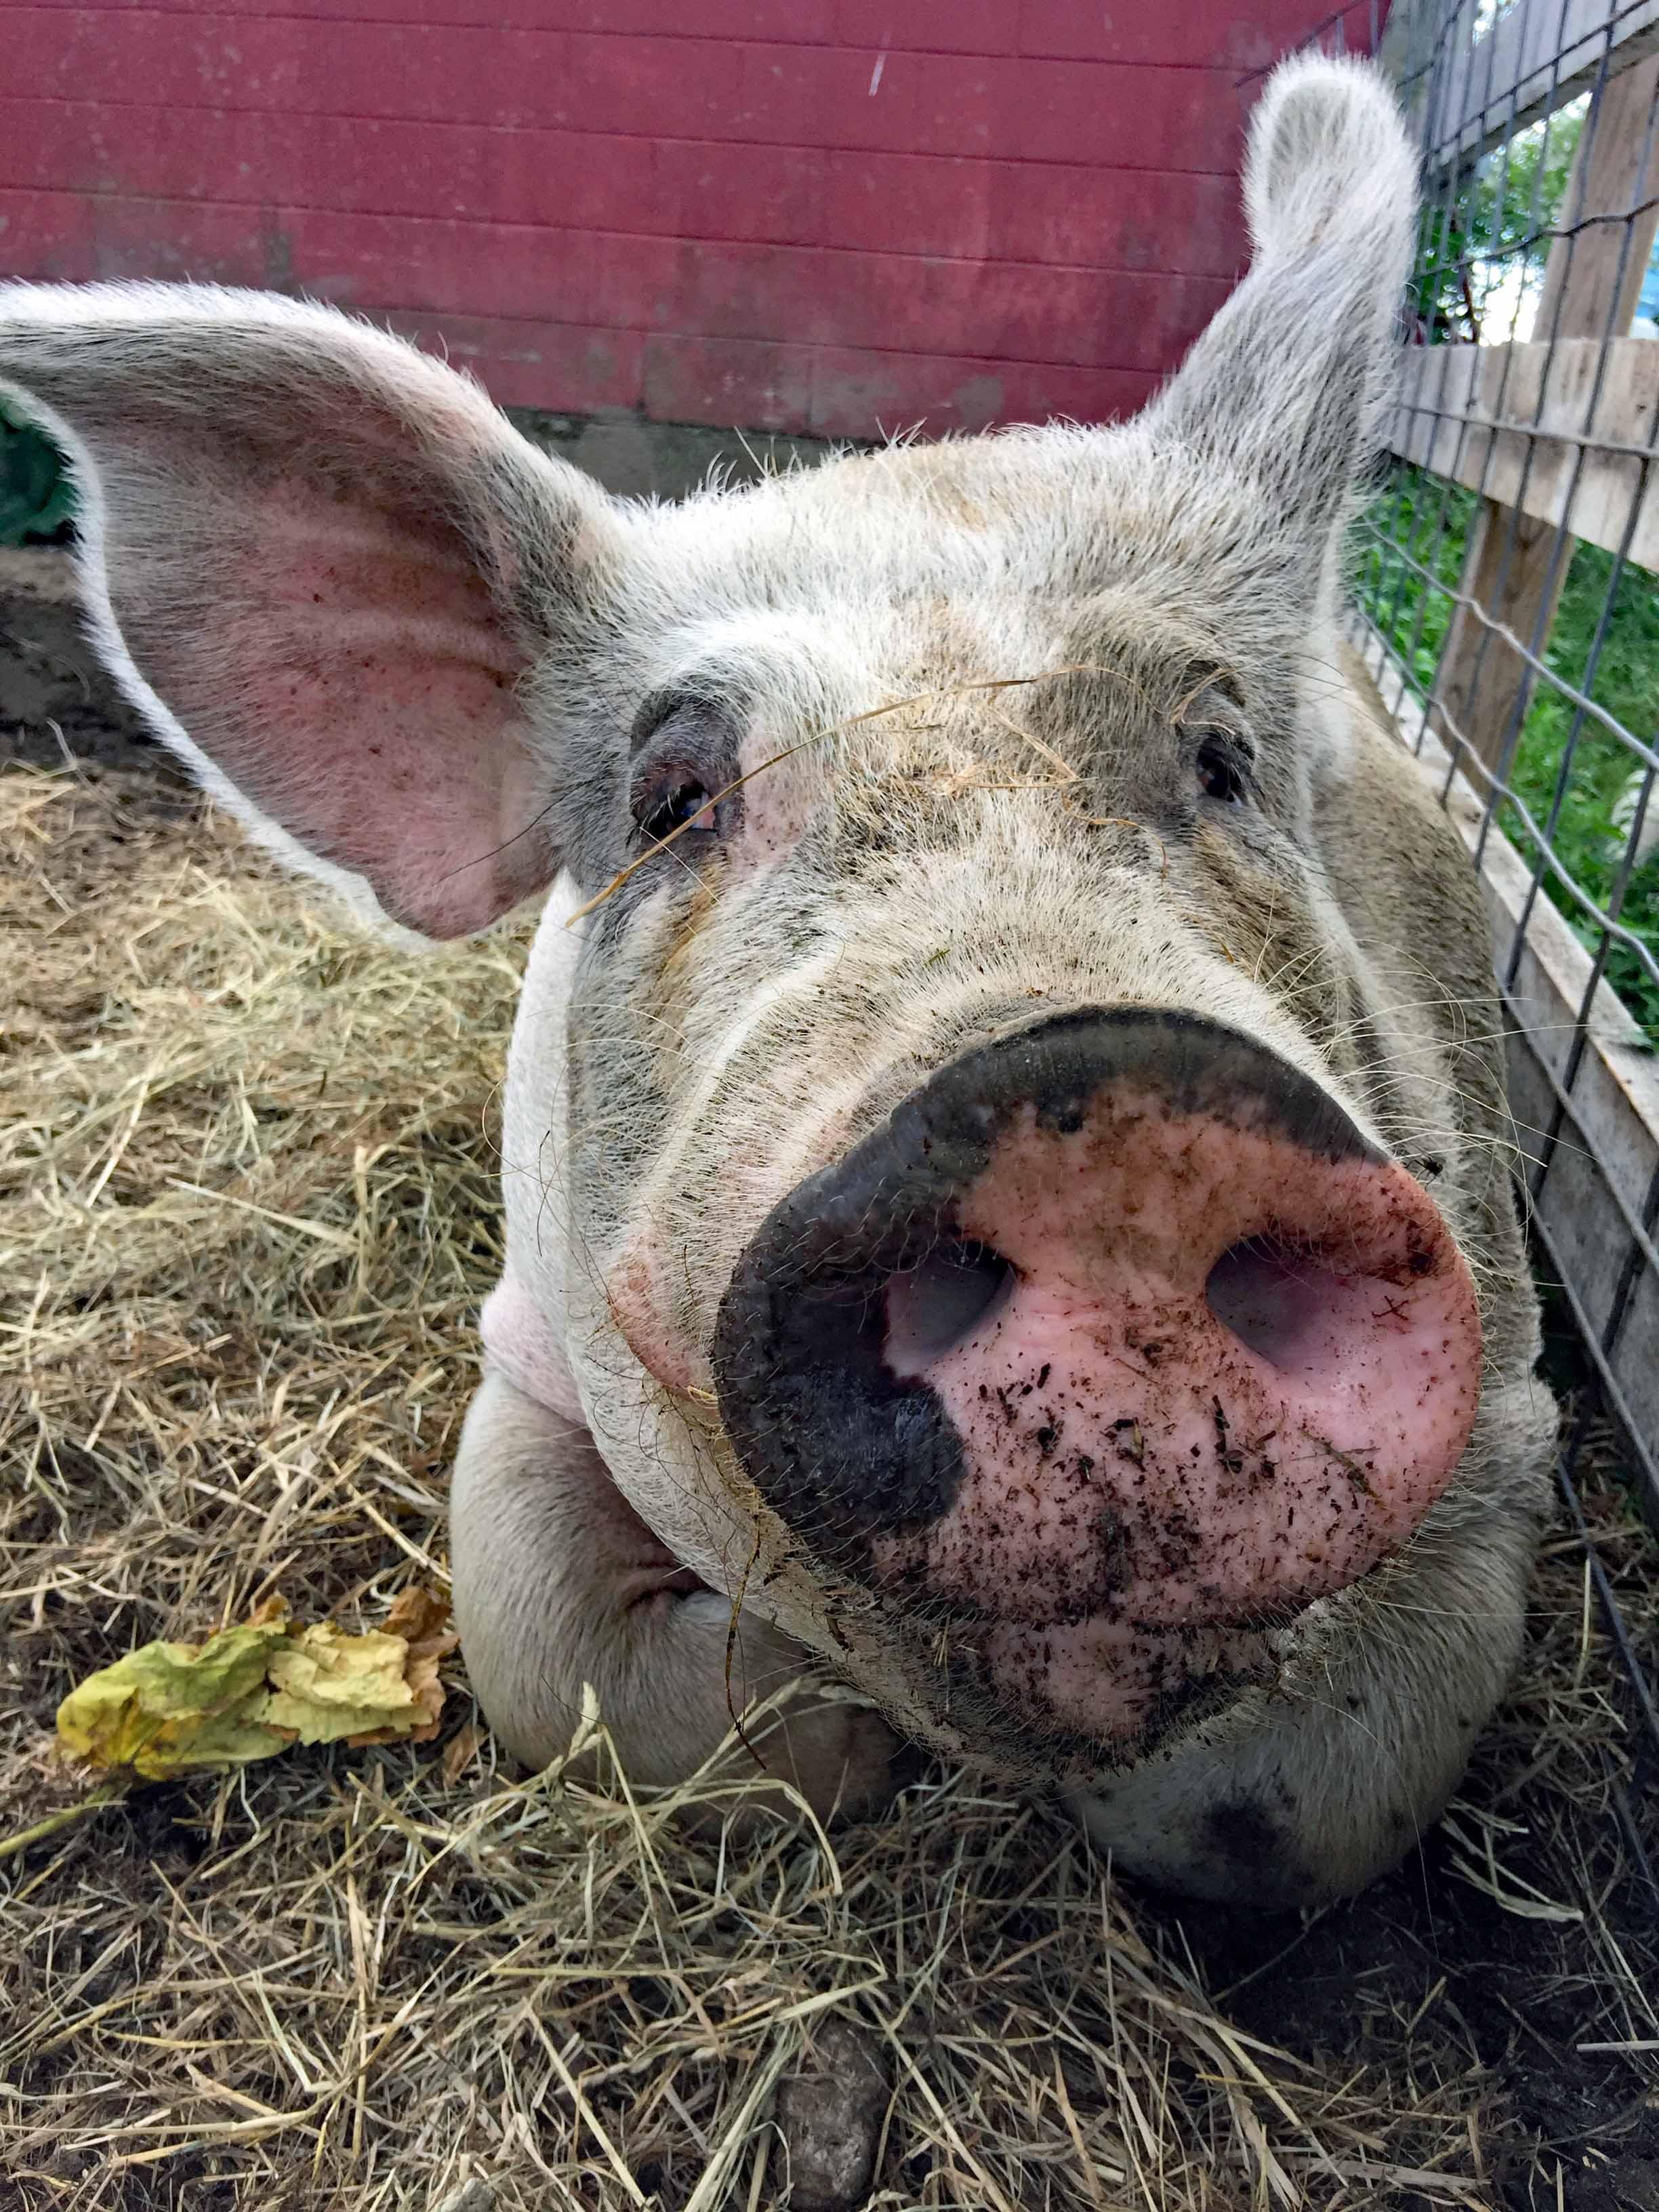 Meet China, a 700 pound pig!